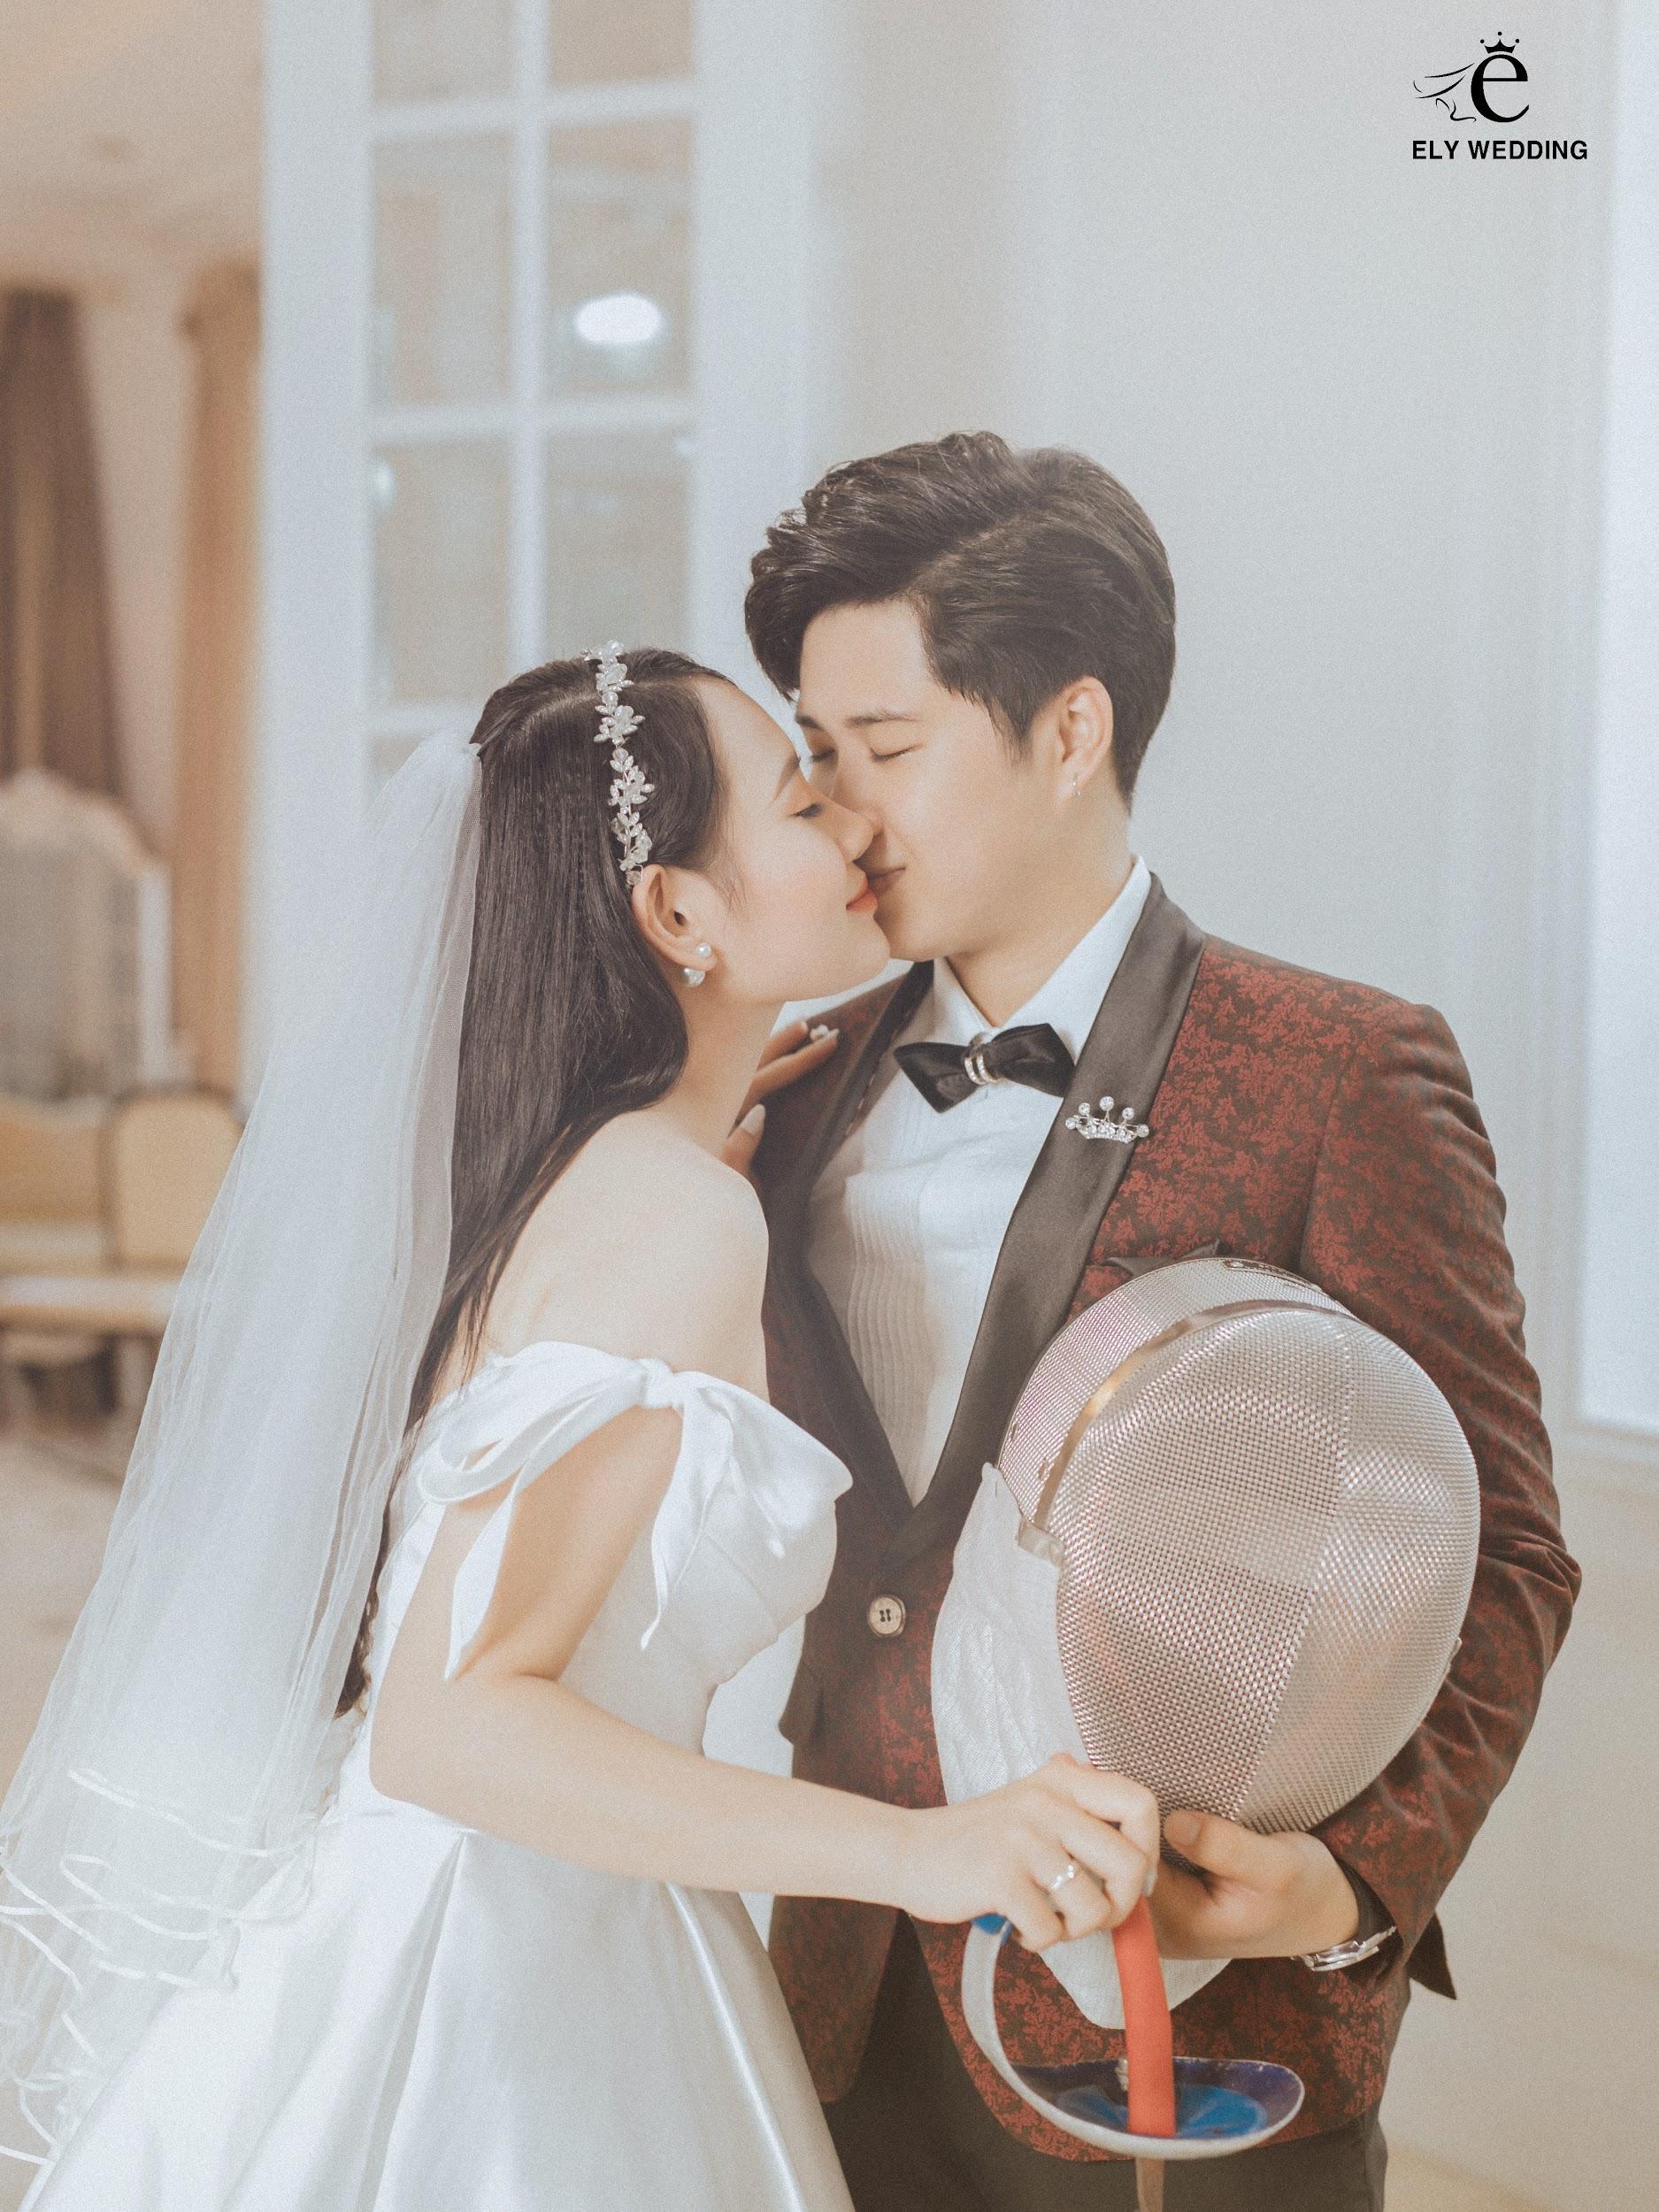 Bộ ảnh cưới siêu hot của Kiếm thủ Lê Minh Hằng - Em gái quốc dân làng thể thao Việt Nam - Ảnh 2.